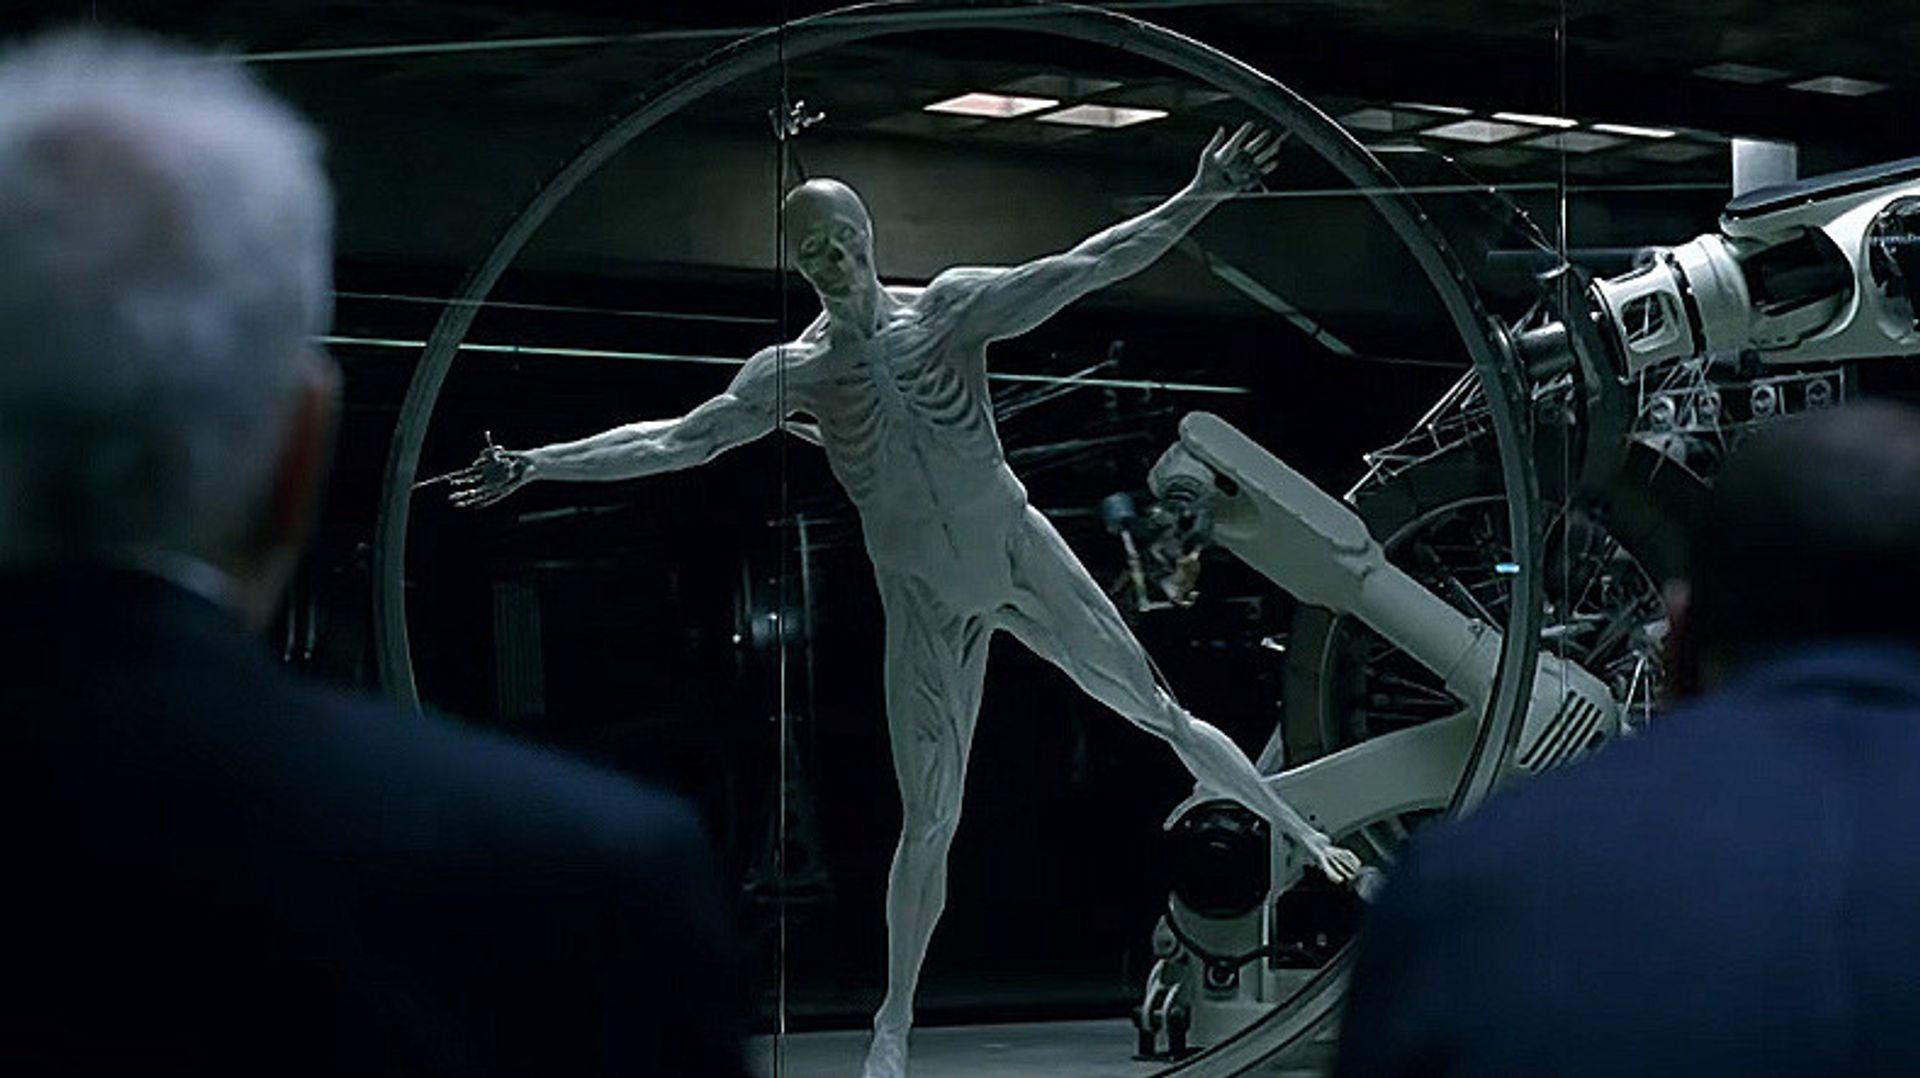 Serien Westworld tar for seg spørsmålene rundt kunstig intelligens som begynner å tenke selv.